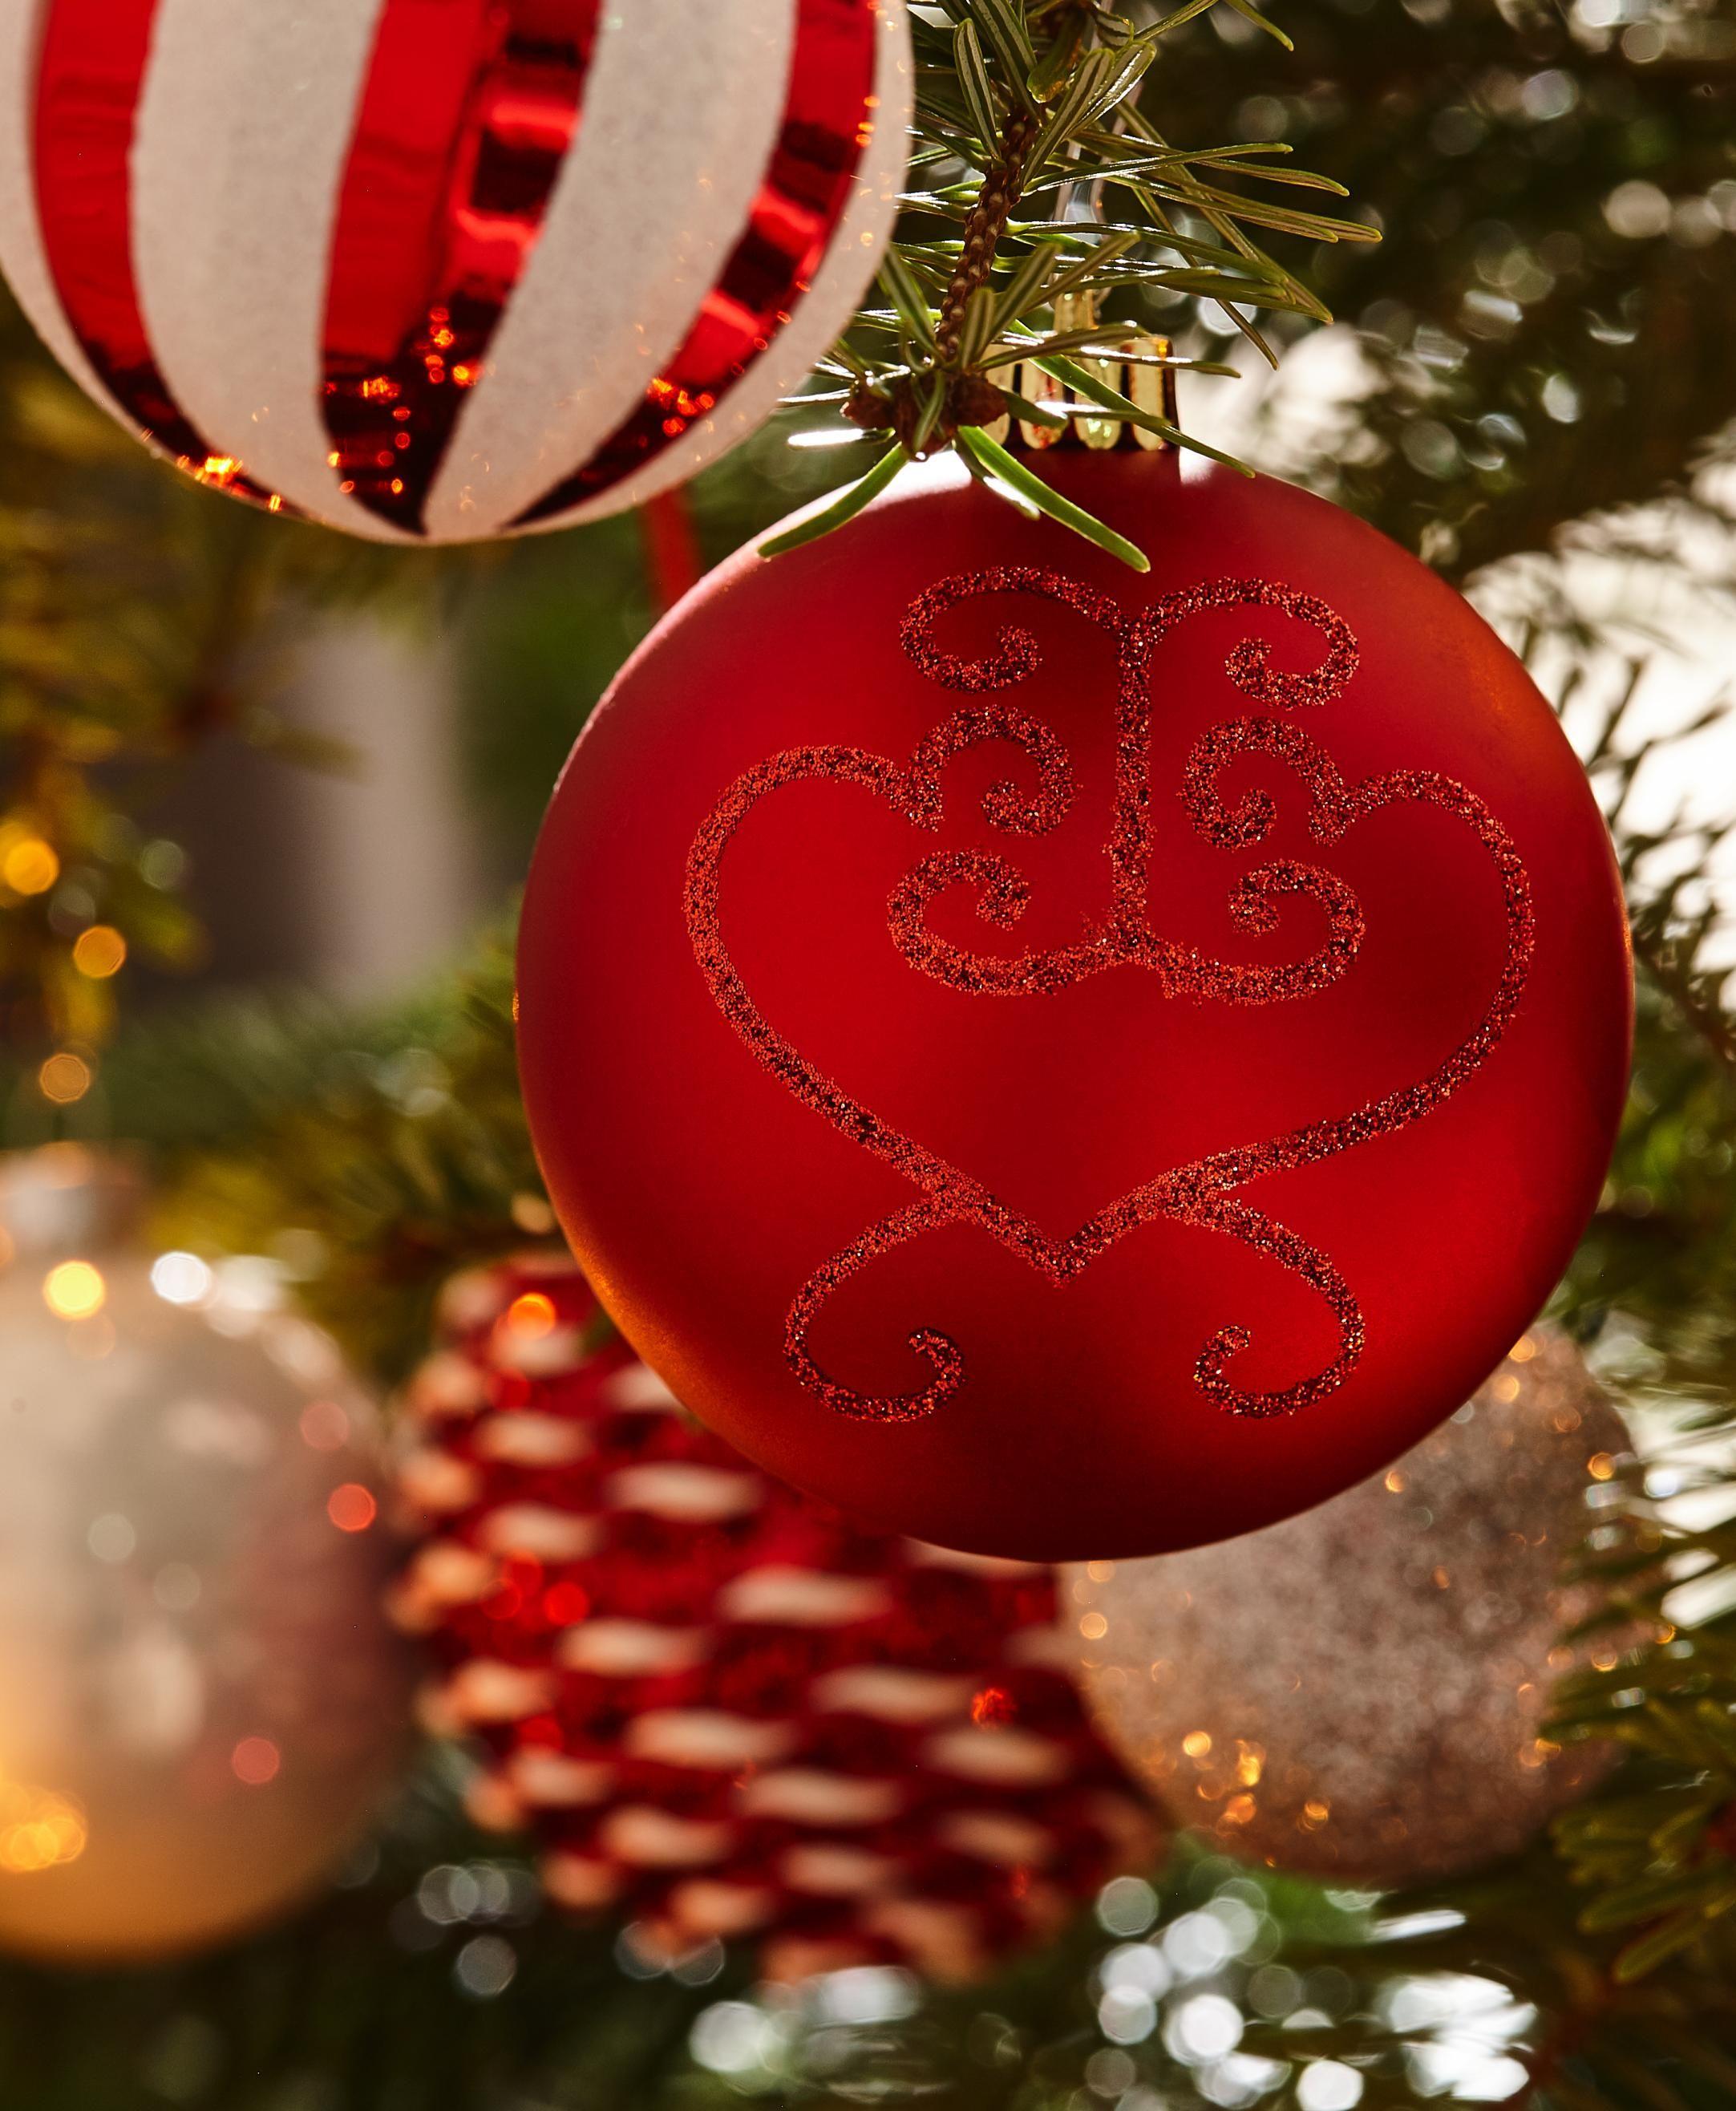 Fesselnd Der Hübsche Baumschmuck In Traditionellen Farben Lässt Herzen Höher  Schlagen. Rot Und Weiß Sind Klassische Farben Der Weihnachtszeit Und Sehen  Besonders ...